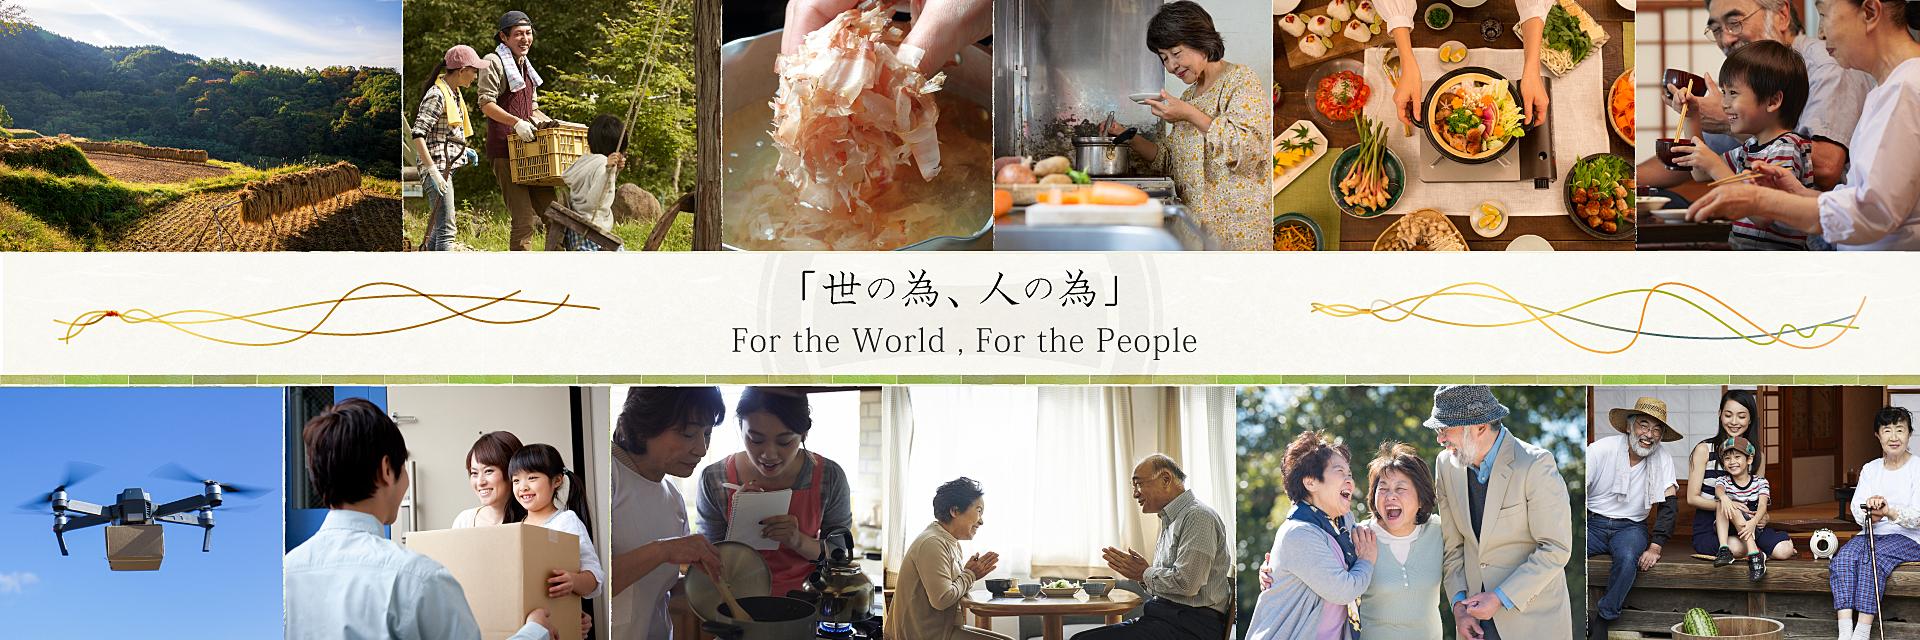 「世の為、人の為」 ~For The World,For The People~